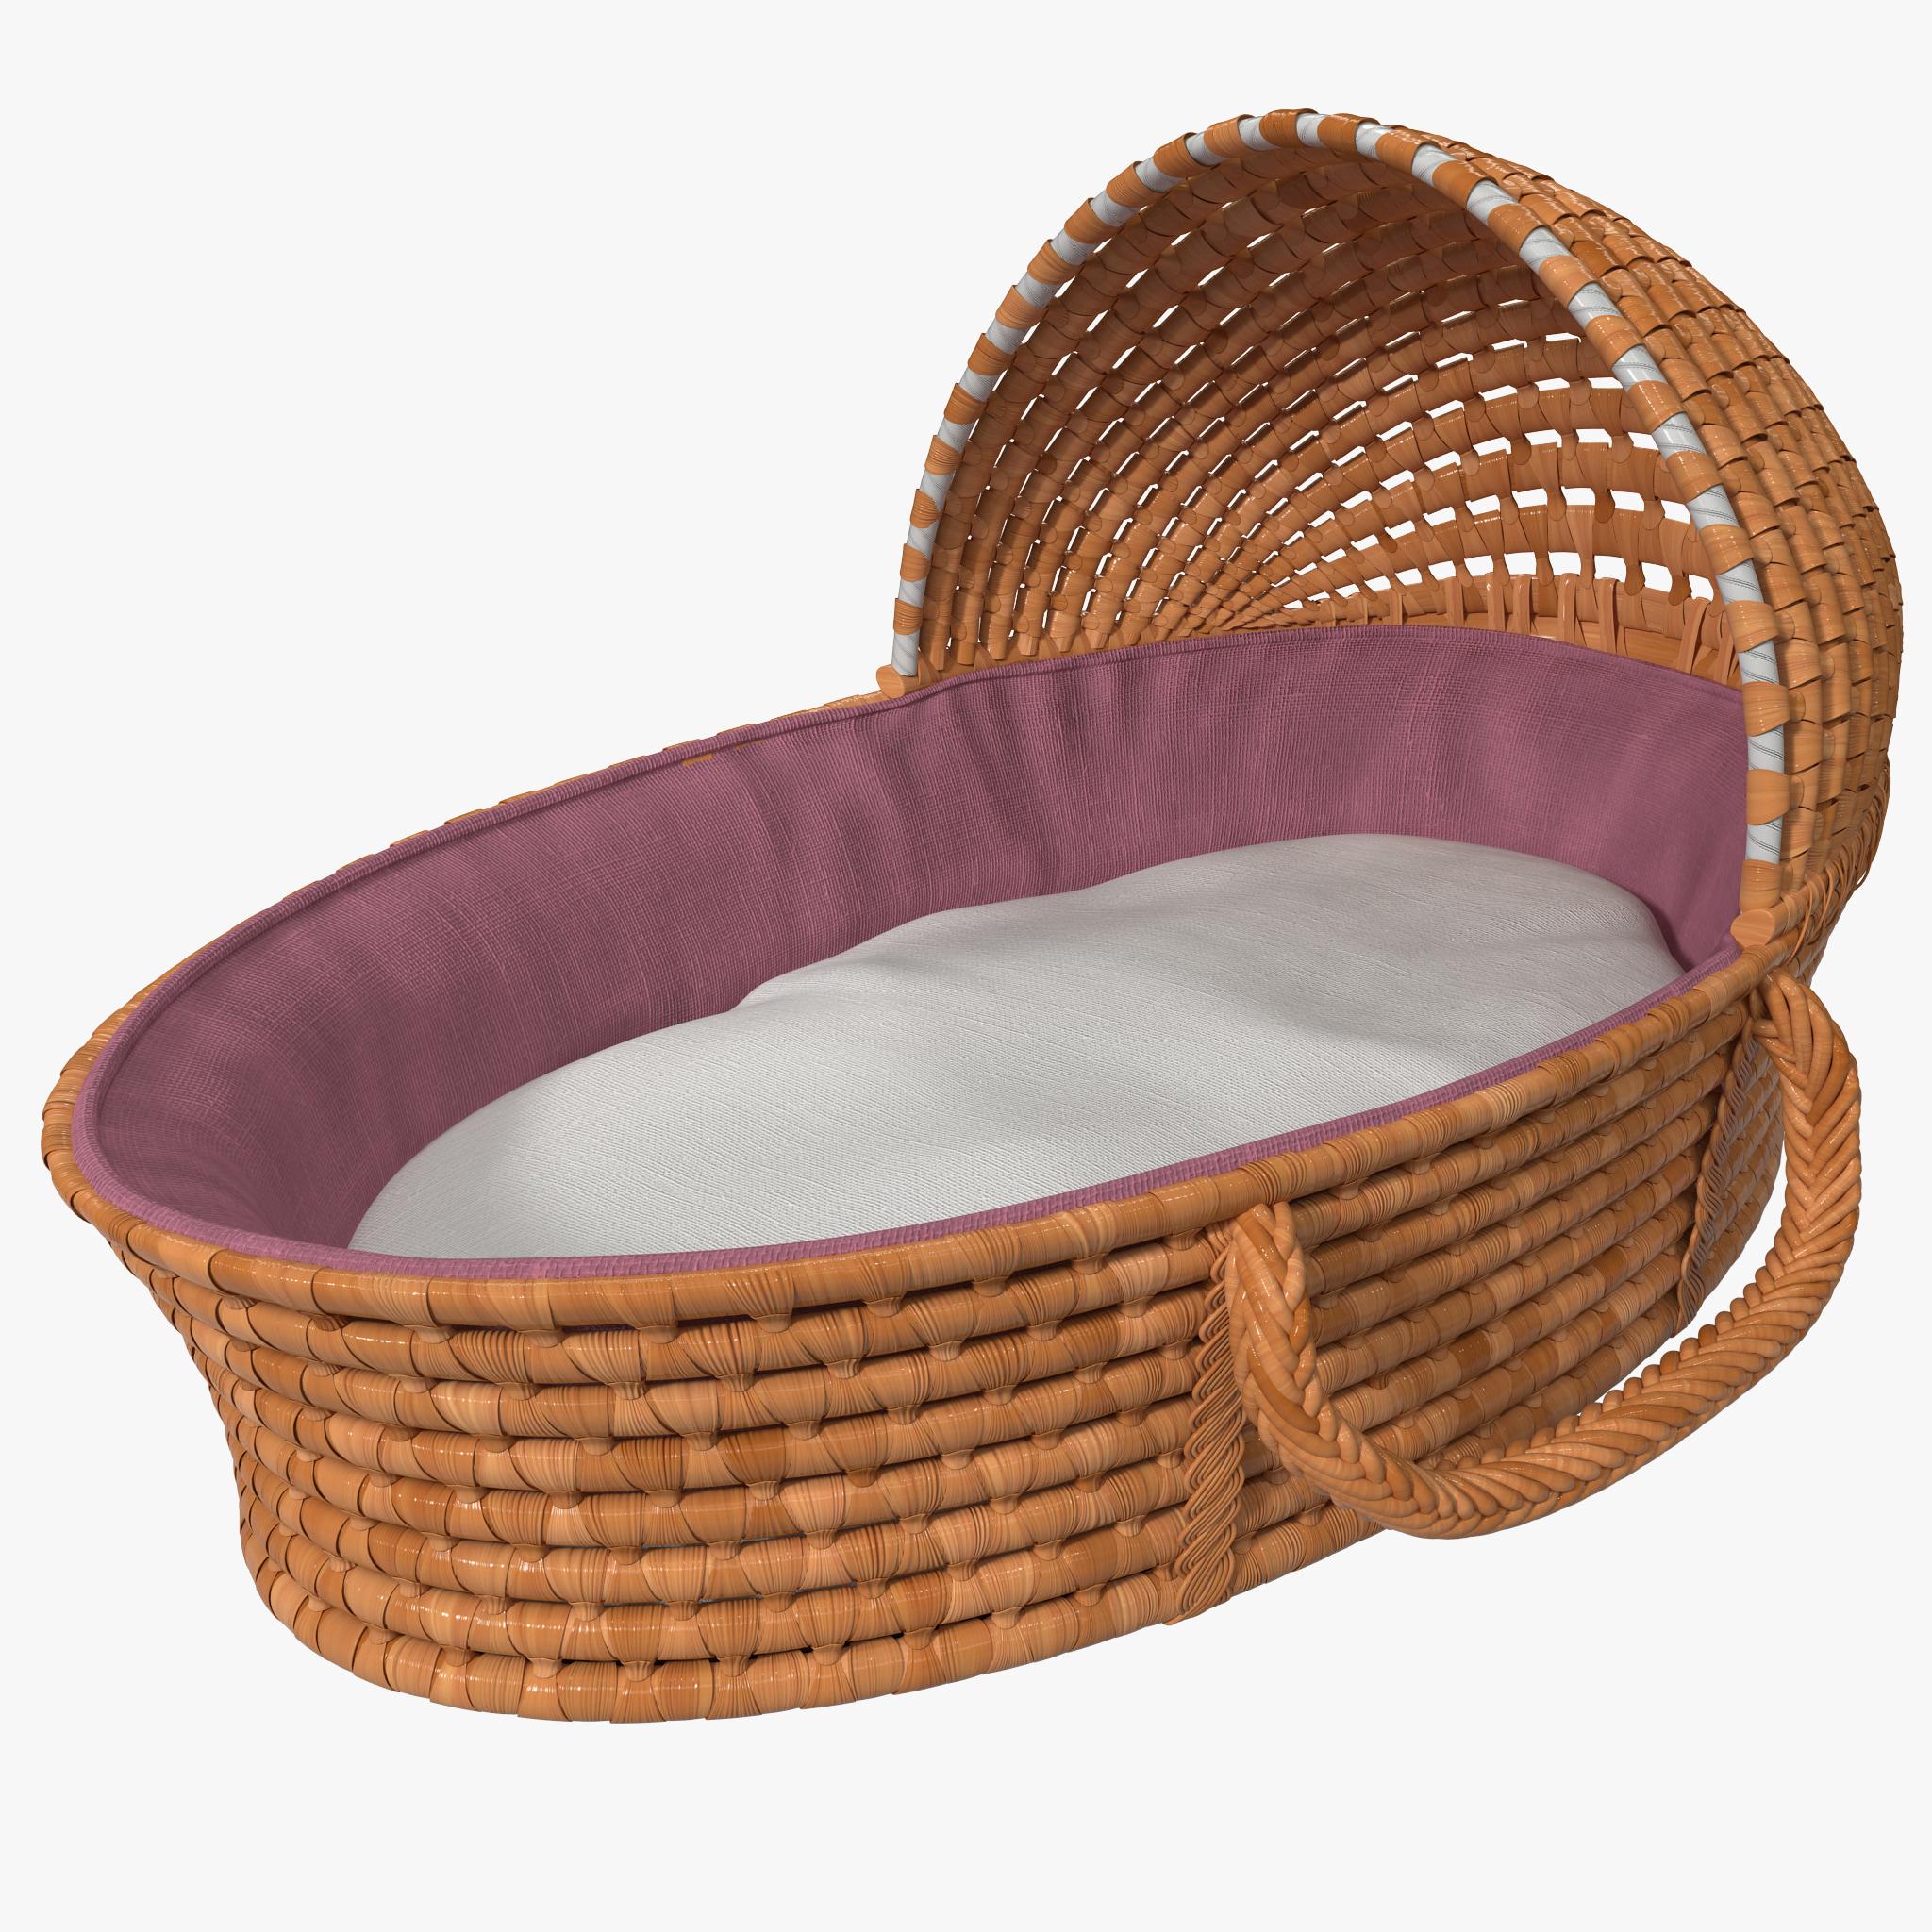 3d model badger basket hooded moses